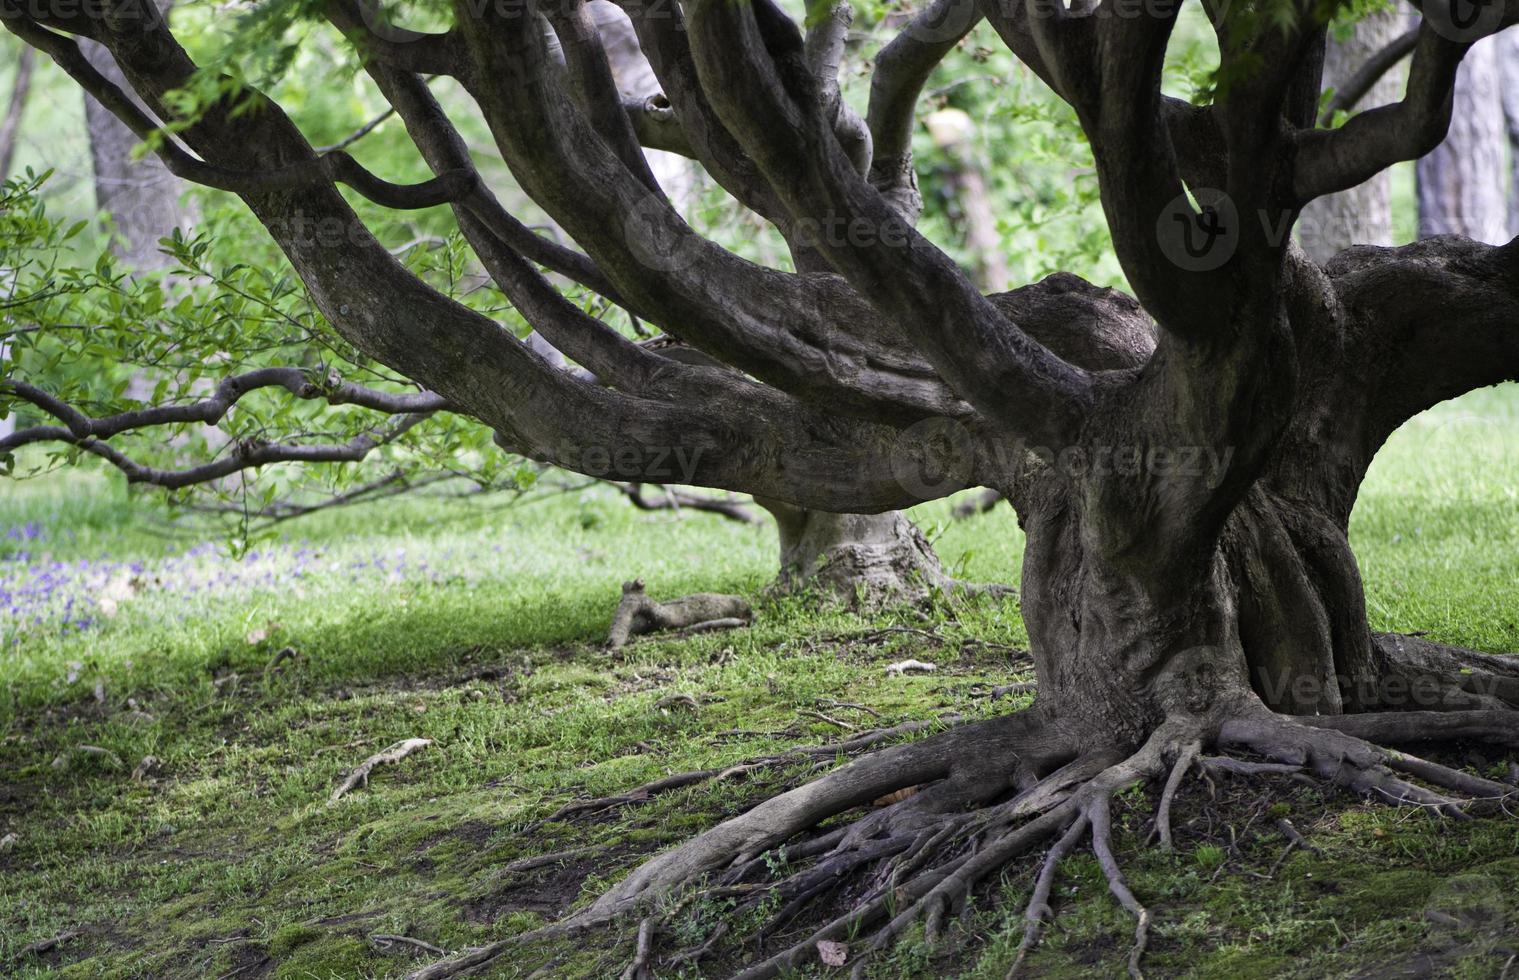 vieil arbre avec des racines exposées photo